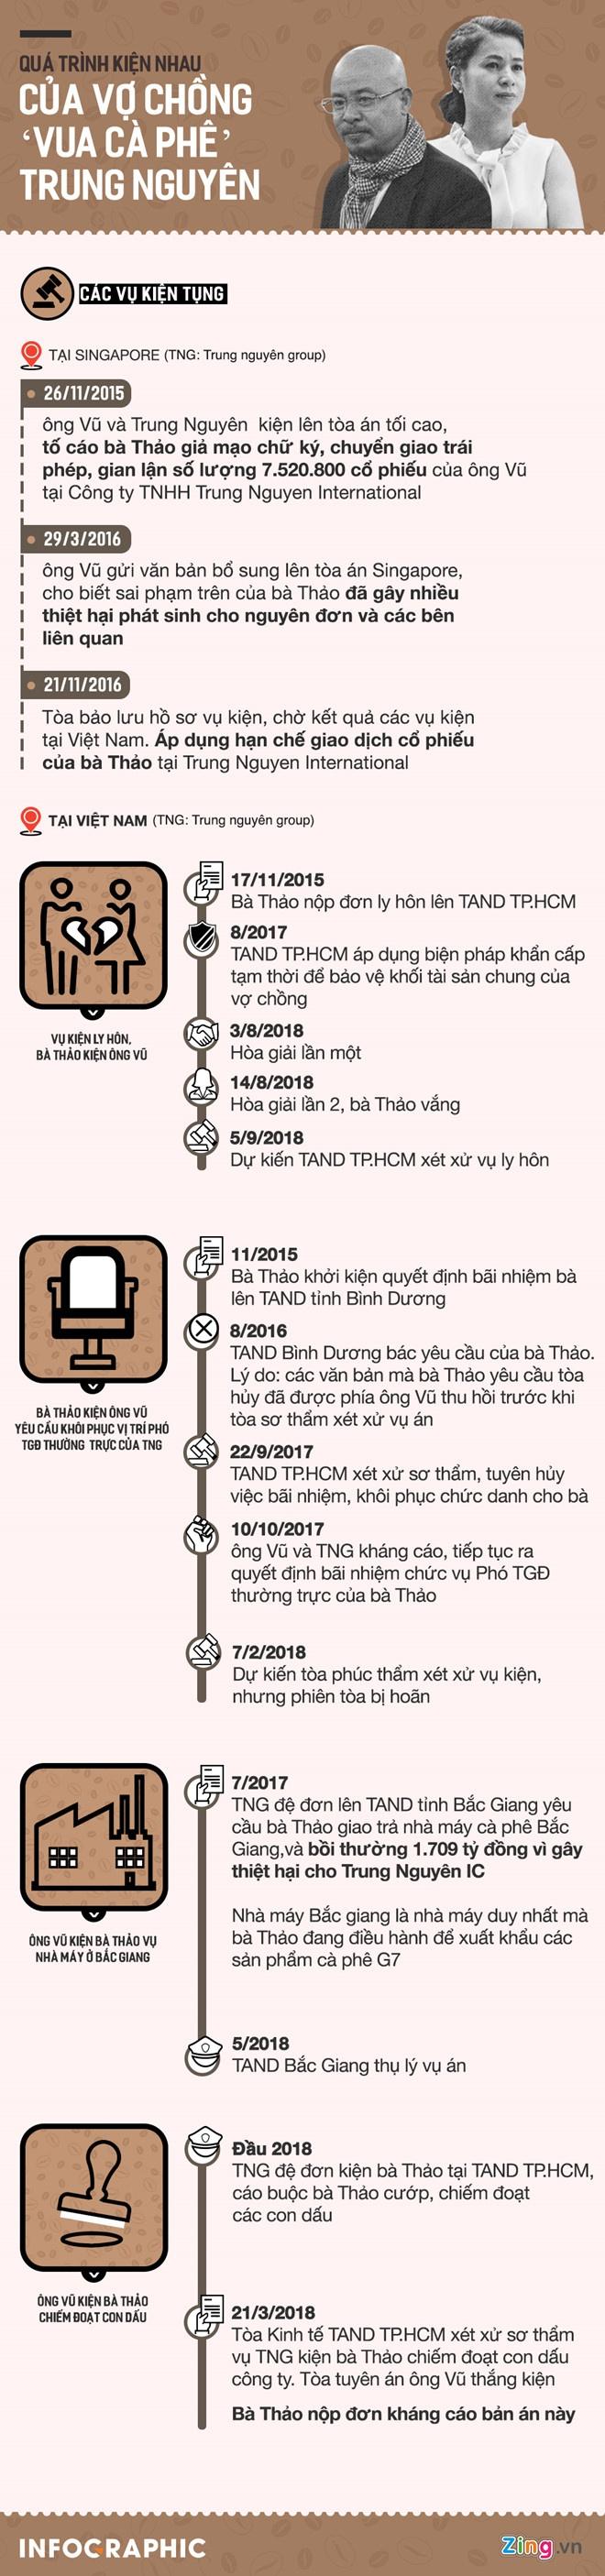 Vo chong 'vua' ca phe Trung Nguyen lai ra toa hoa giai hinh anh 3